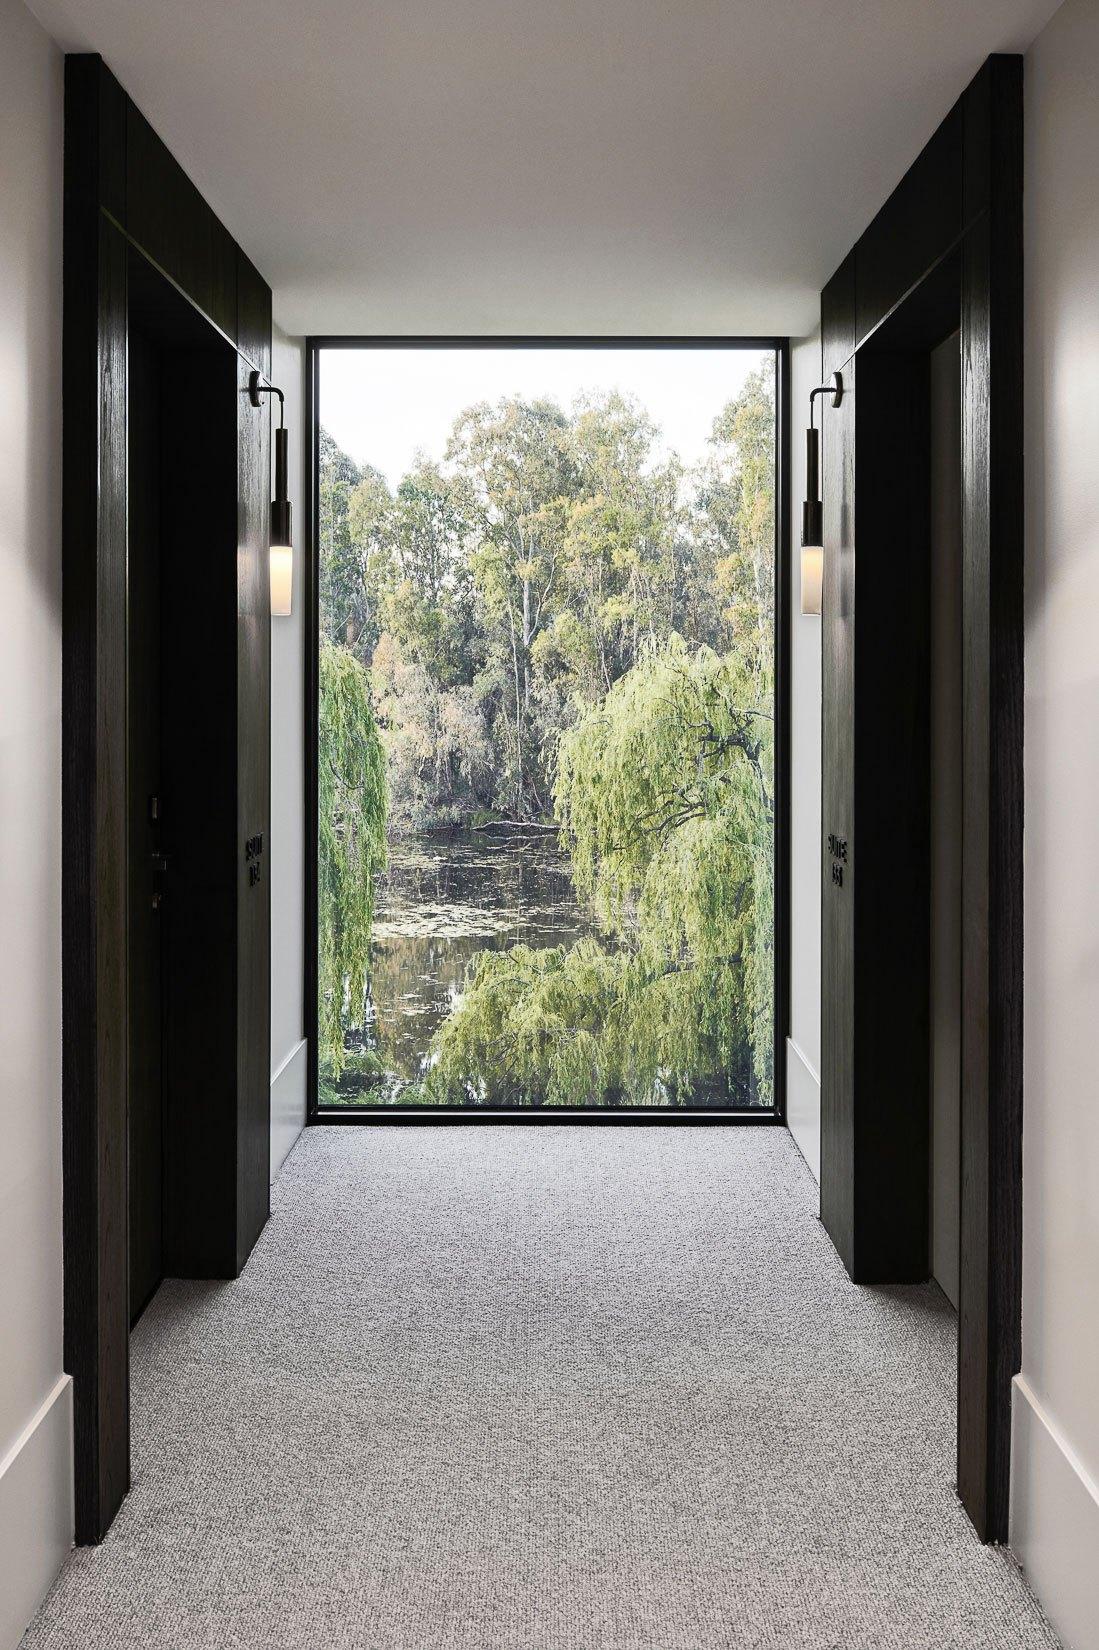 Mitchelton-Winery-Hotel-in-Nagambie-Hecker-Guthrie-Tom-Blachford-20.jpg